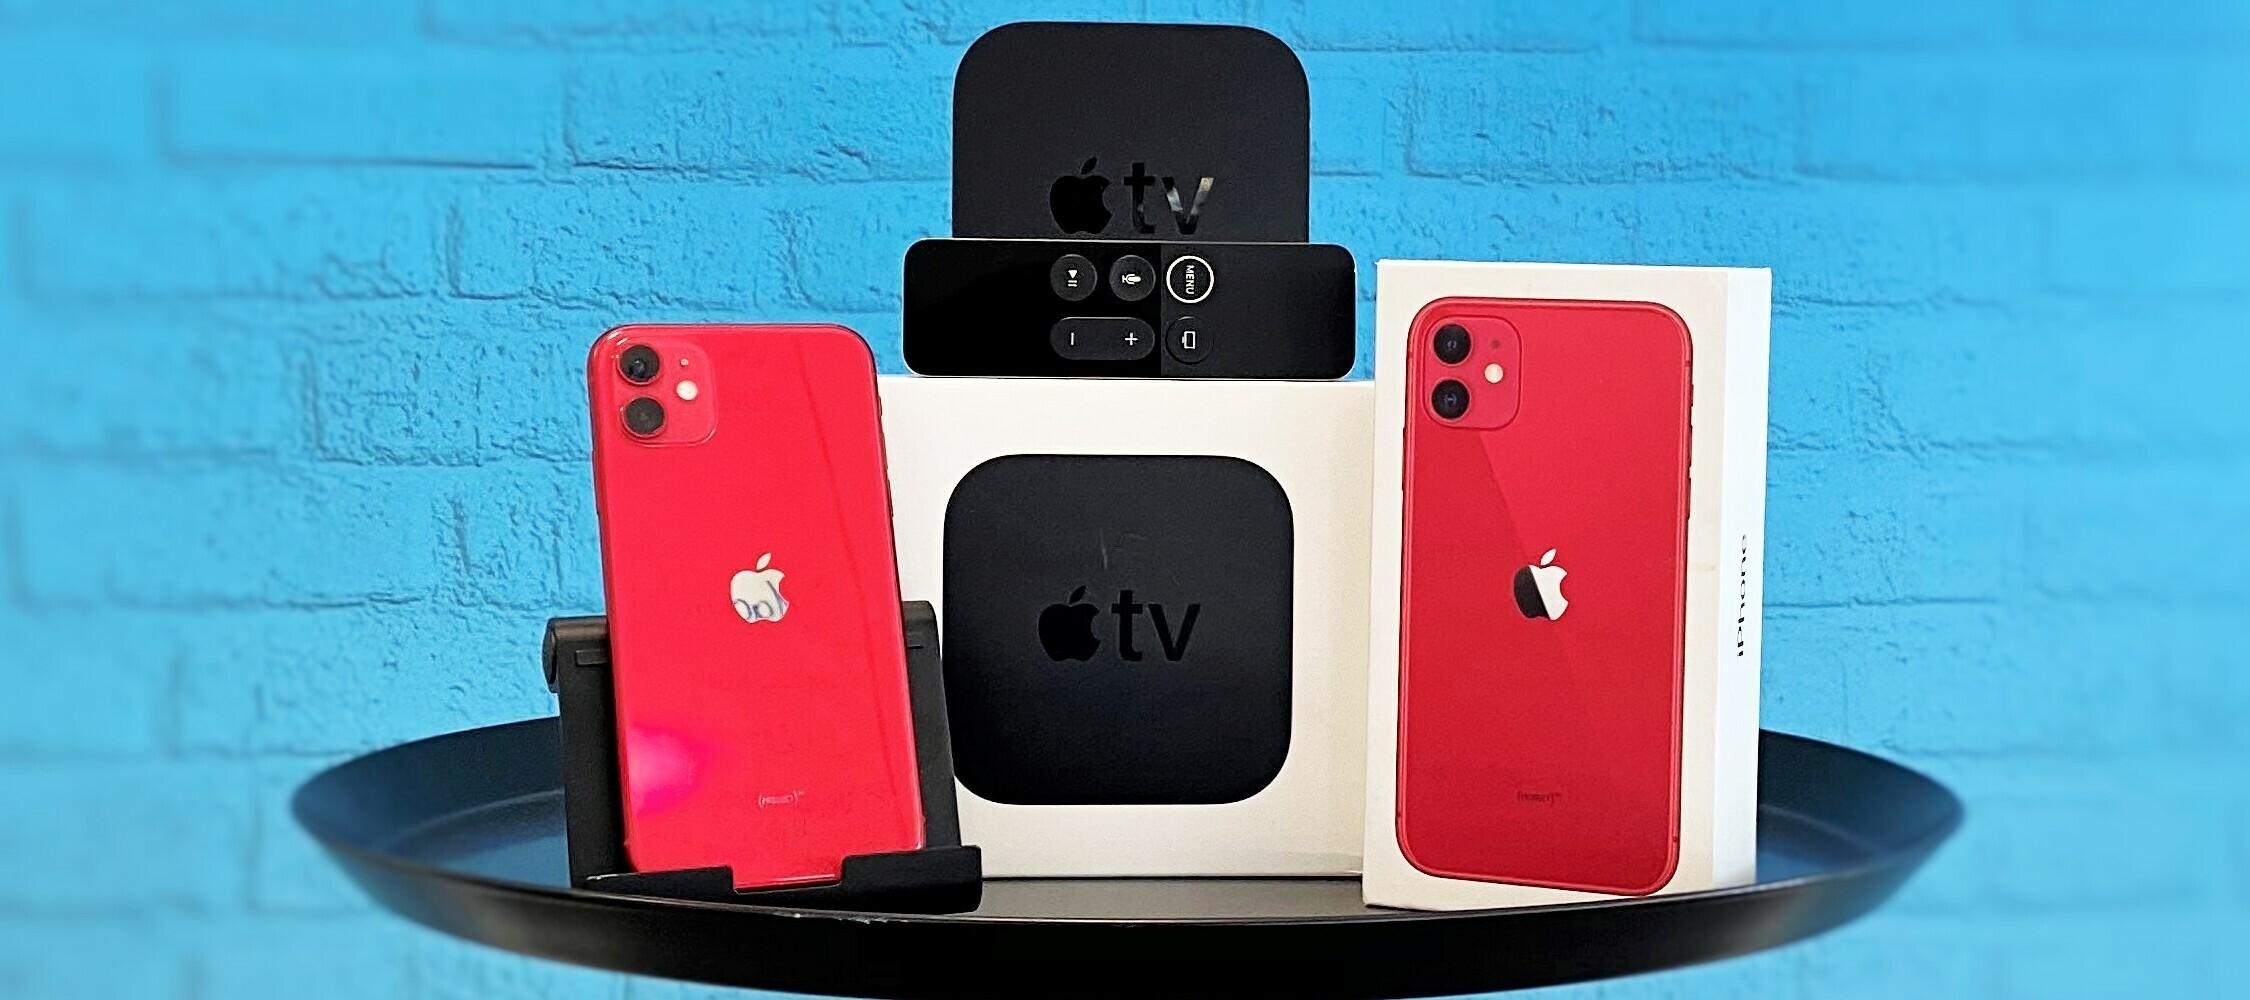 Apple TV 4K inkl. iPhone 11 - Holt das Popcorn, es kann wieder getestet werden!